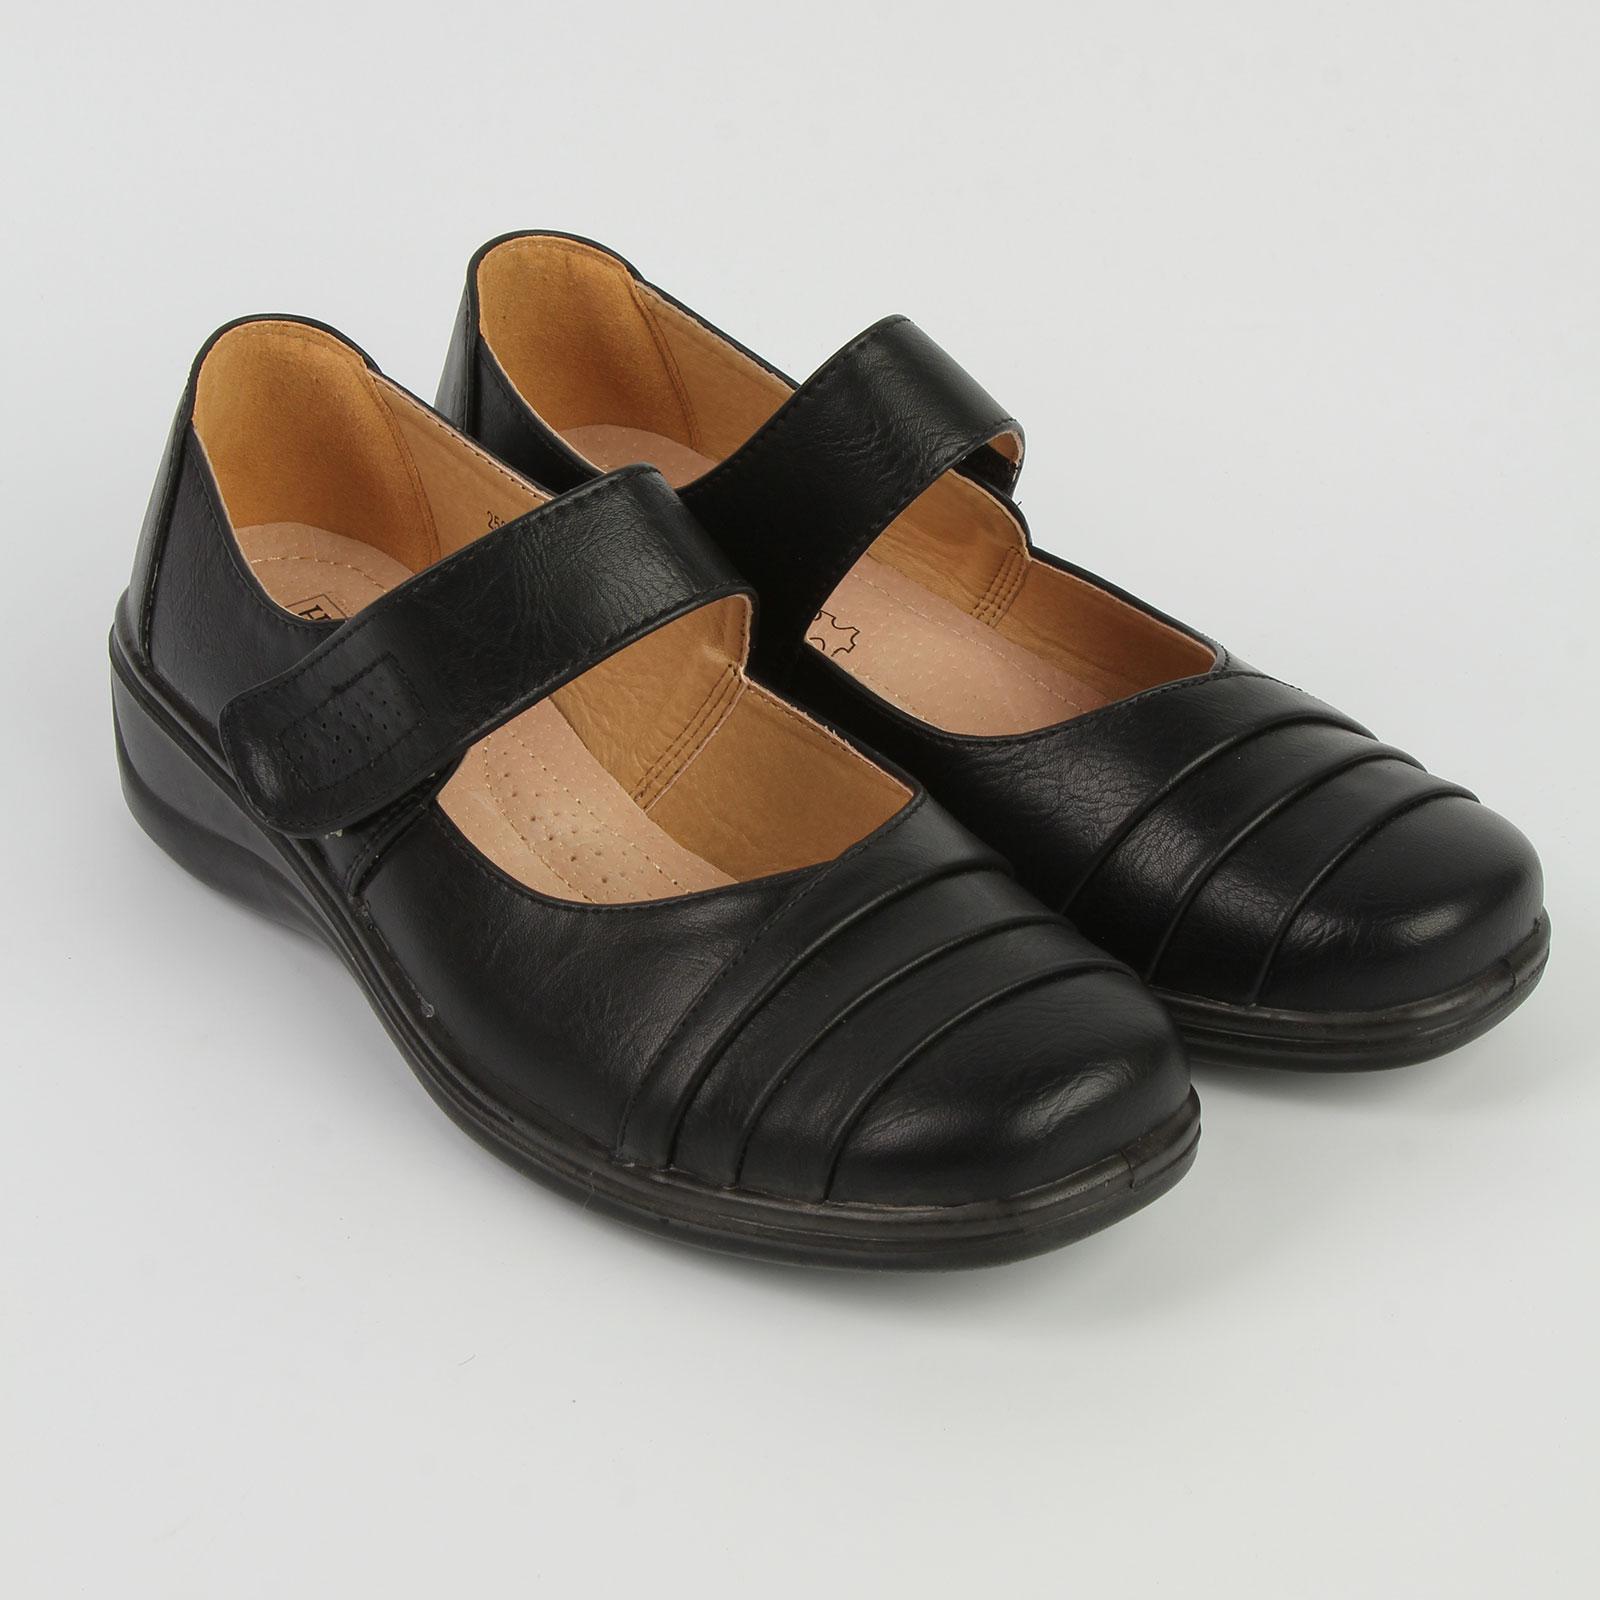 Туфли женские с декоративной строчкой на мысу и застежкой на липучке